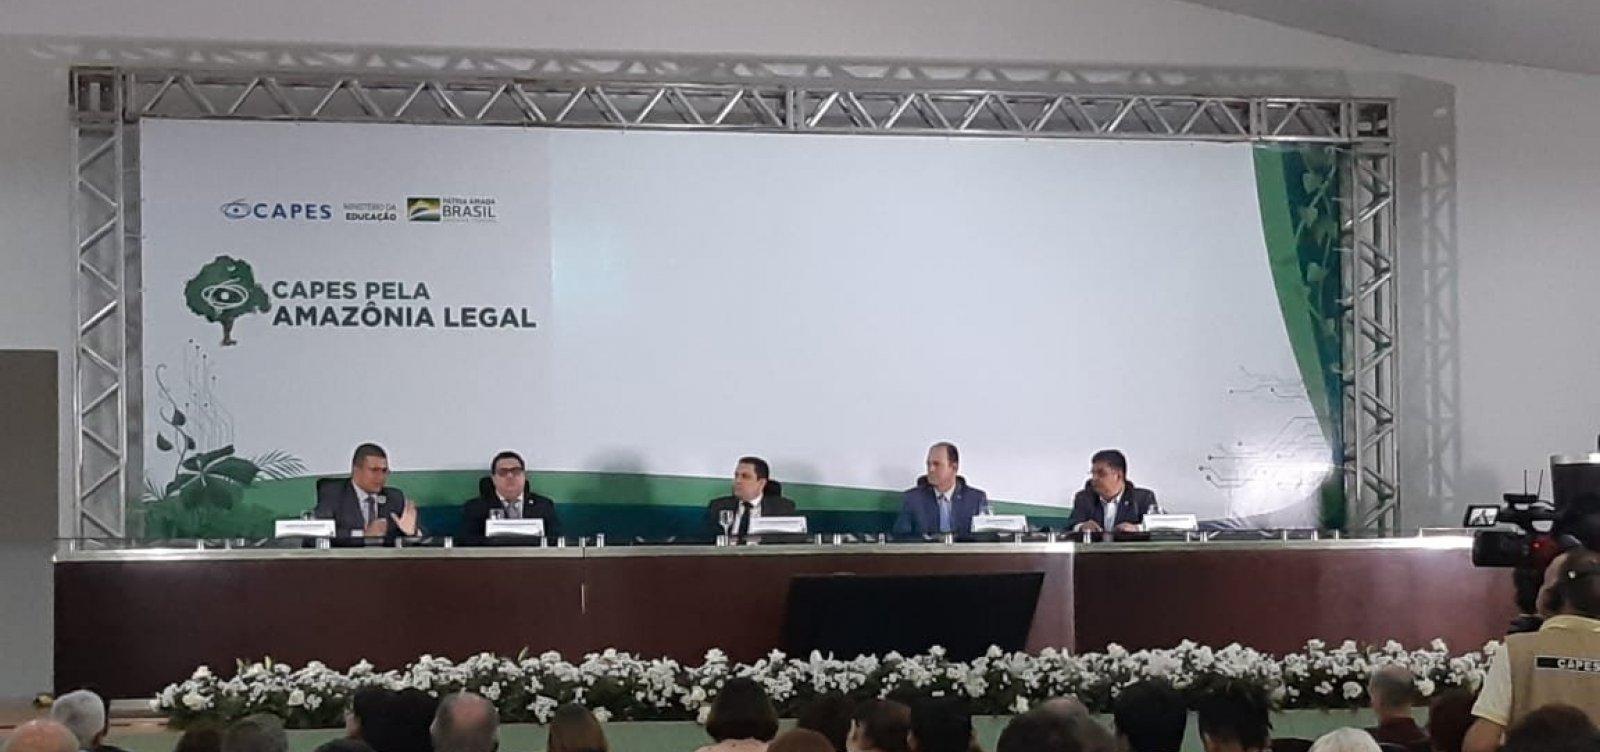 Capes assina acordo de R$ 80 milhões para pesquisas na Amazônia Legal